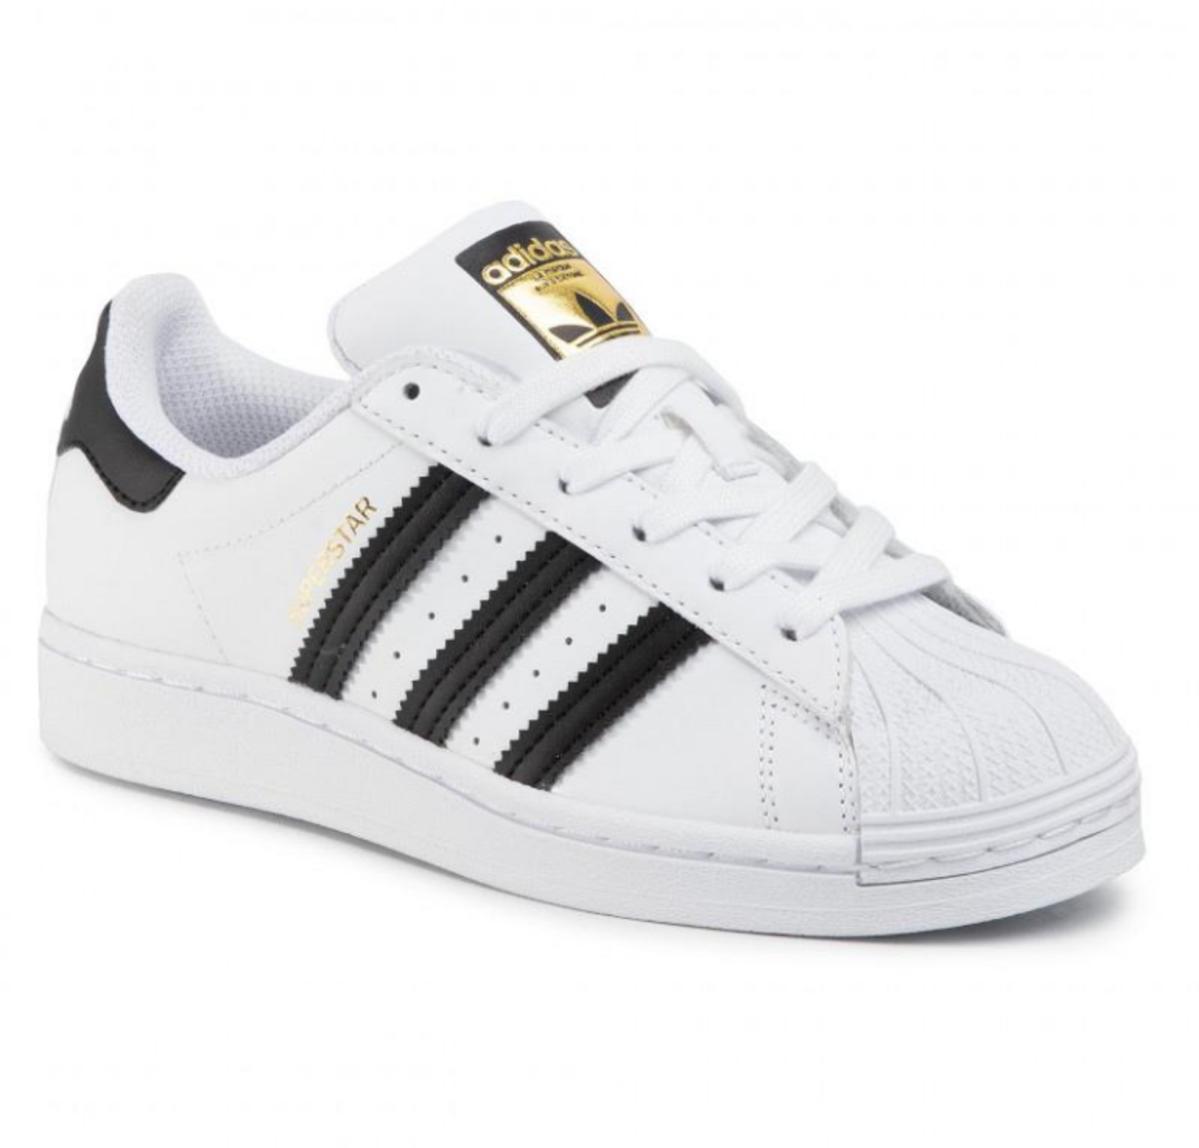 Trendy jesień 2020 sneakersy Adidas Superstar cena 229 zł